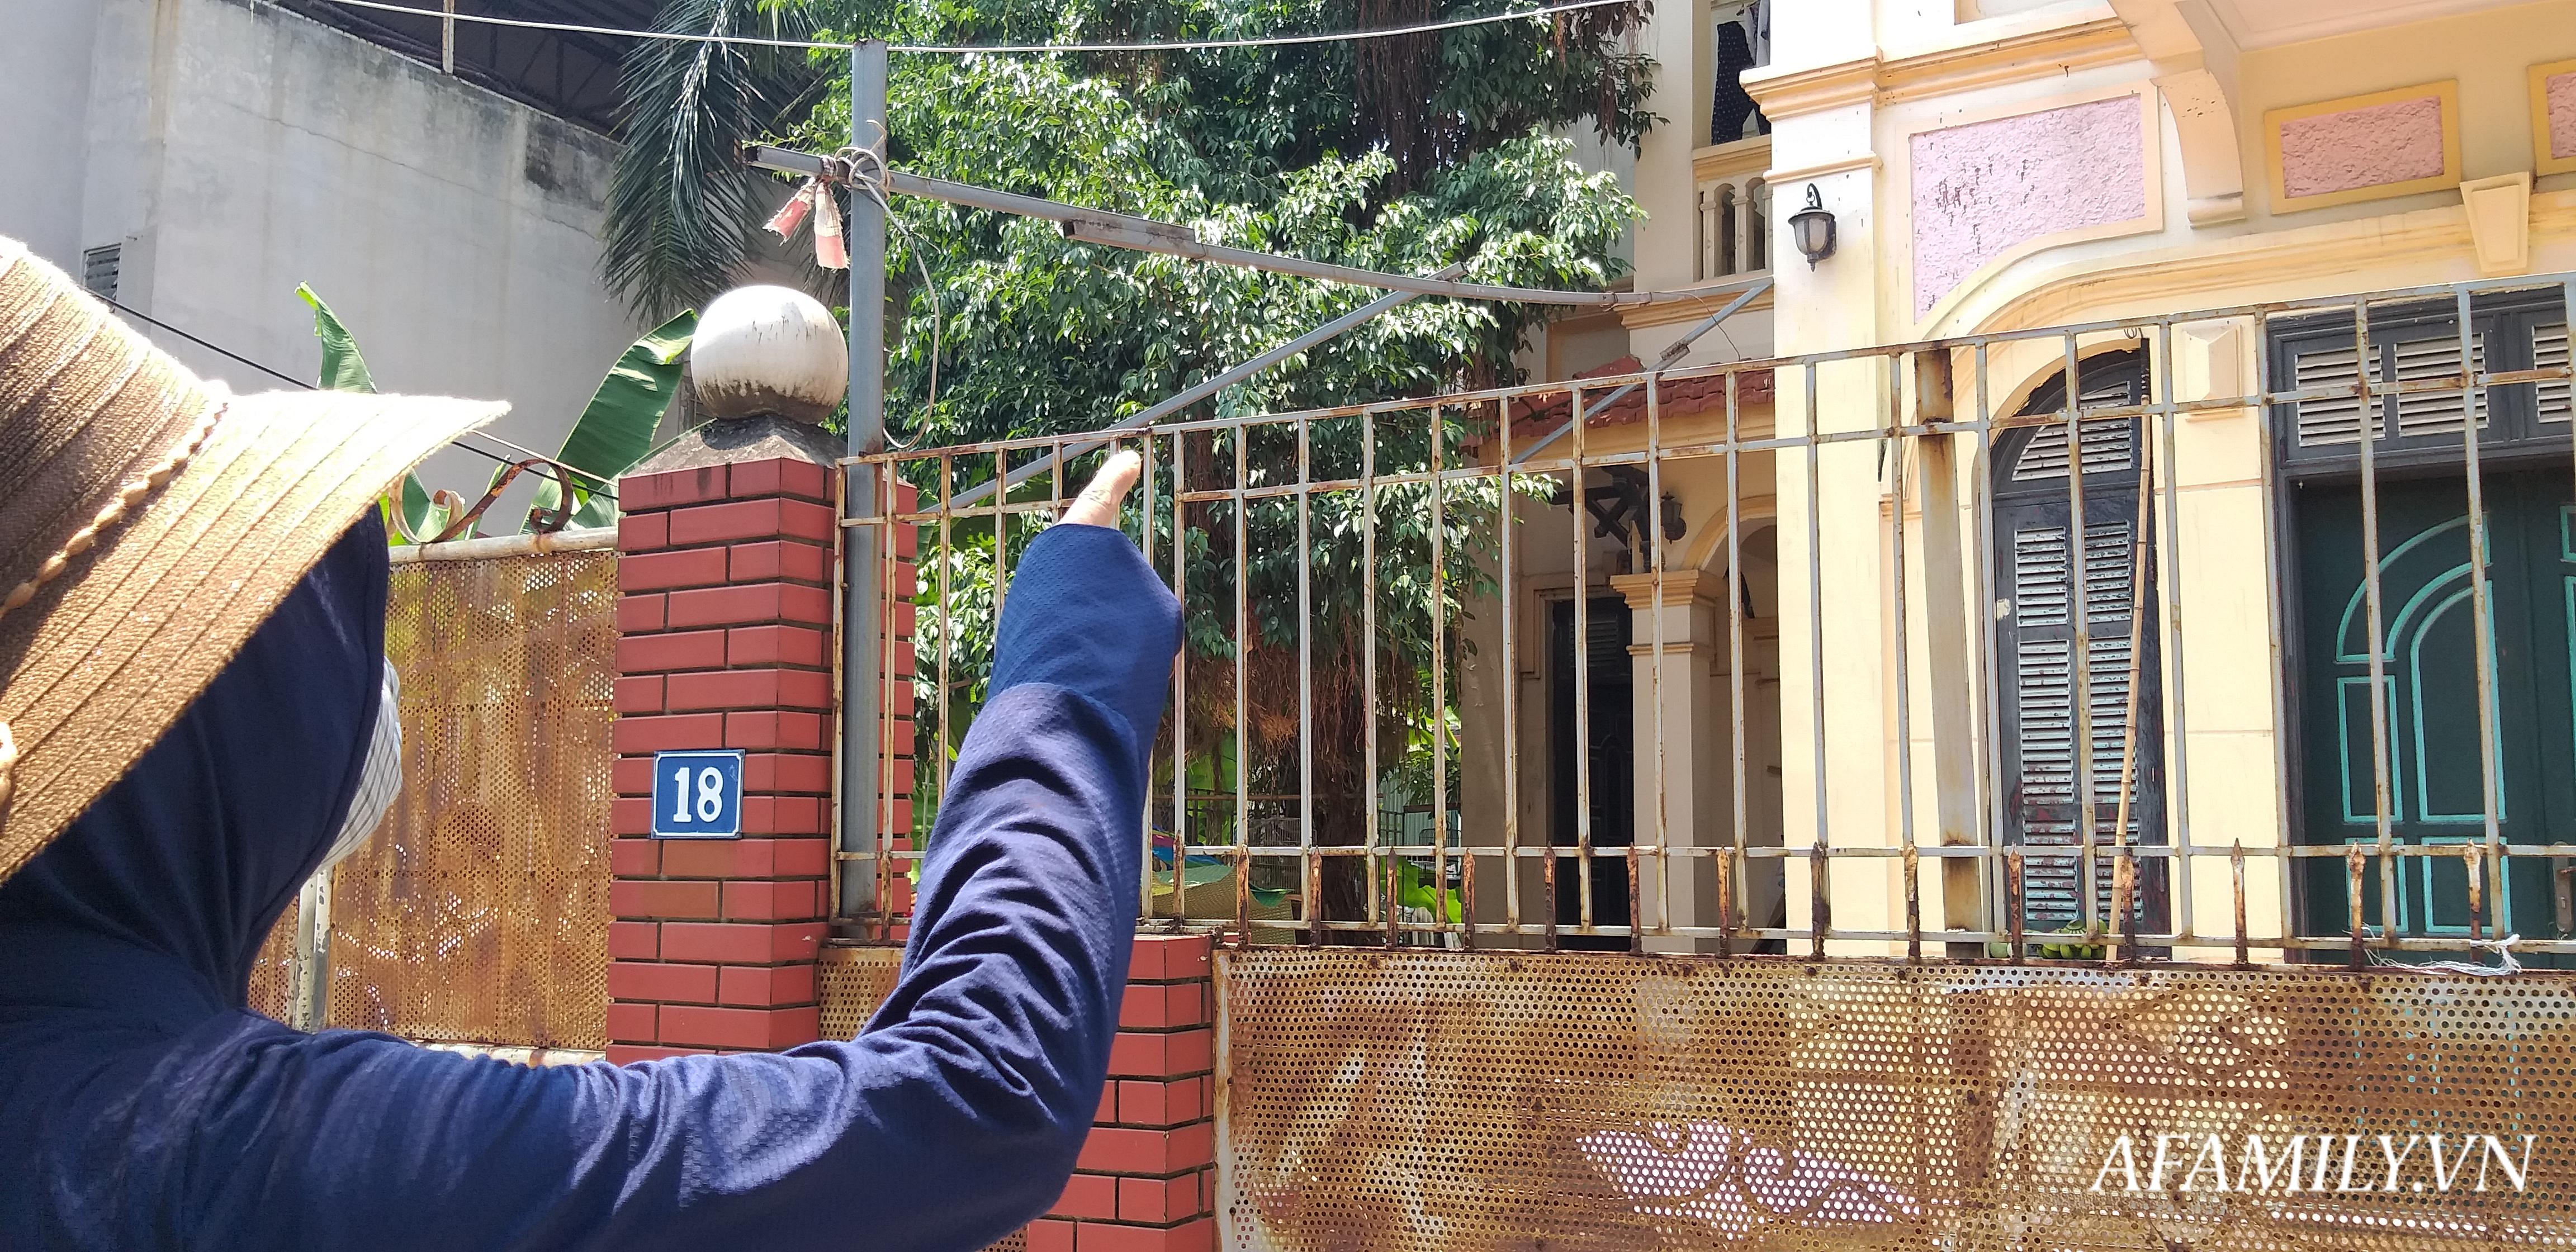 Hà Nội: Sập bẫy vay ngân hàng hộ, người phụ nữ chết điếng vì bỗng dưng nhận thông báo cưỡng chế thu hồi nhà - Ảnh 3.